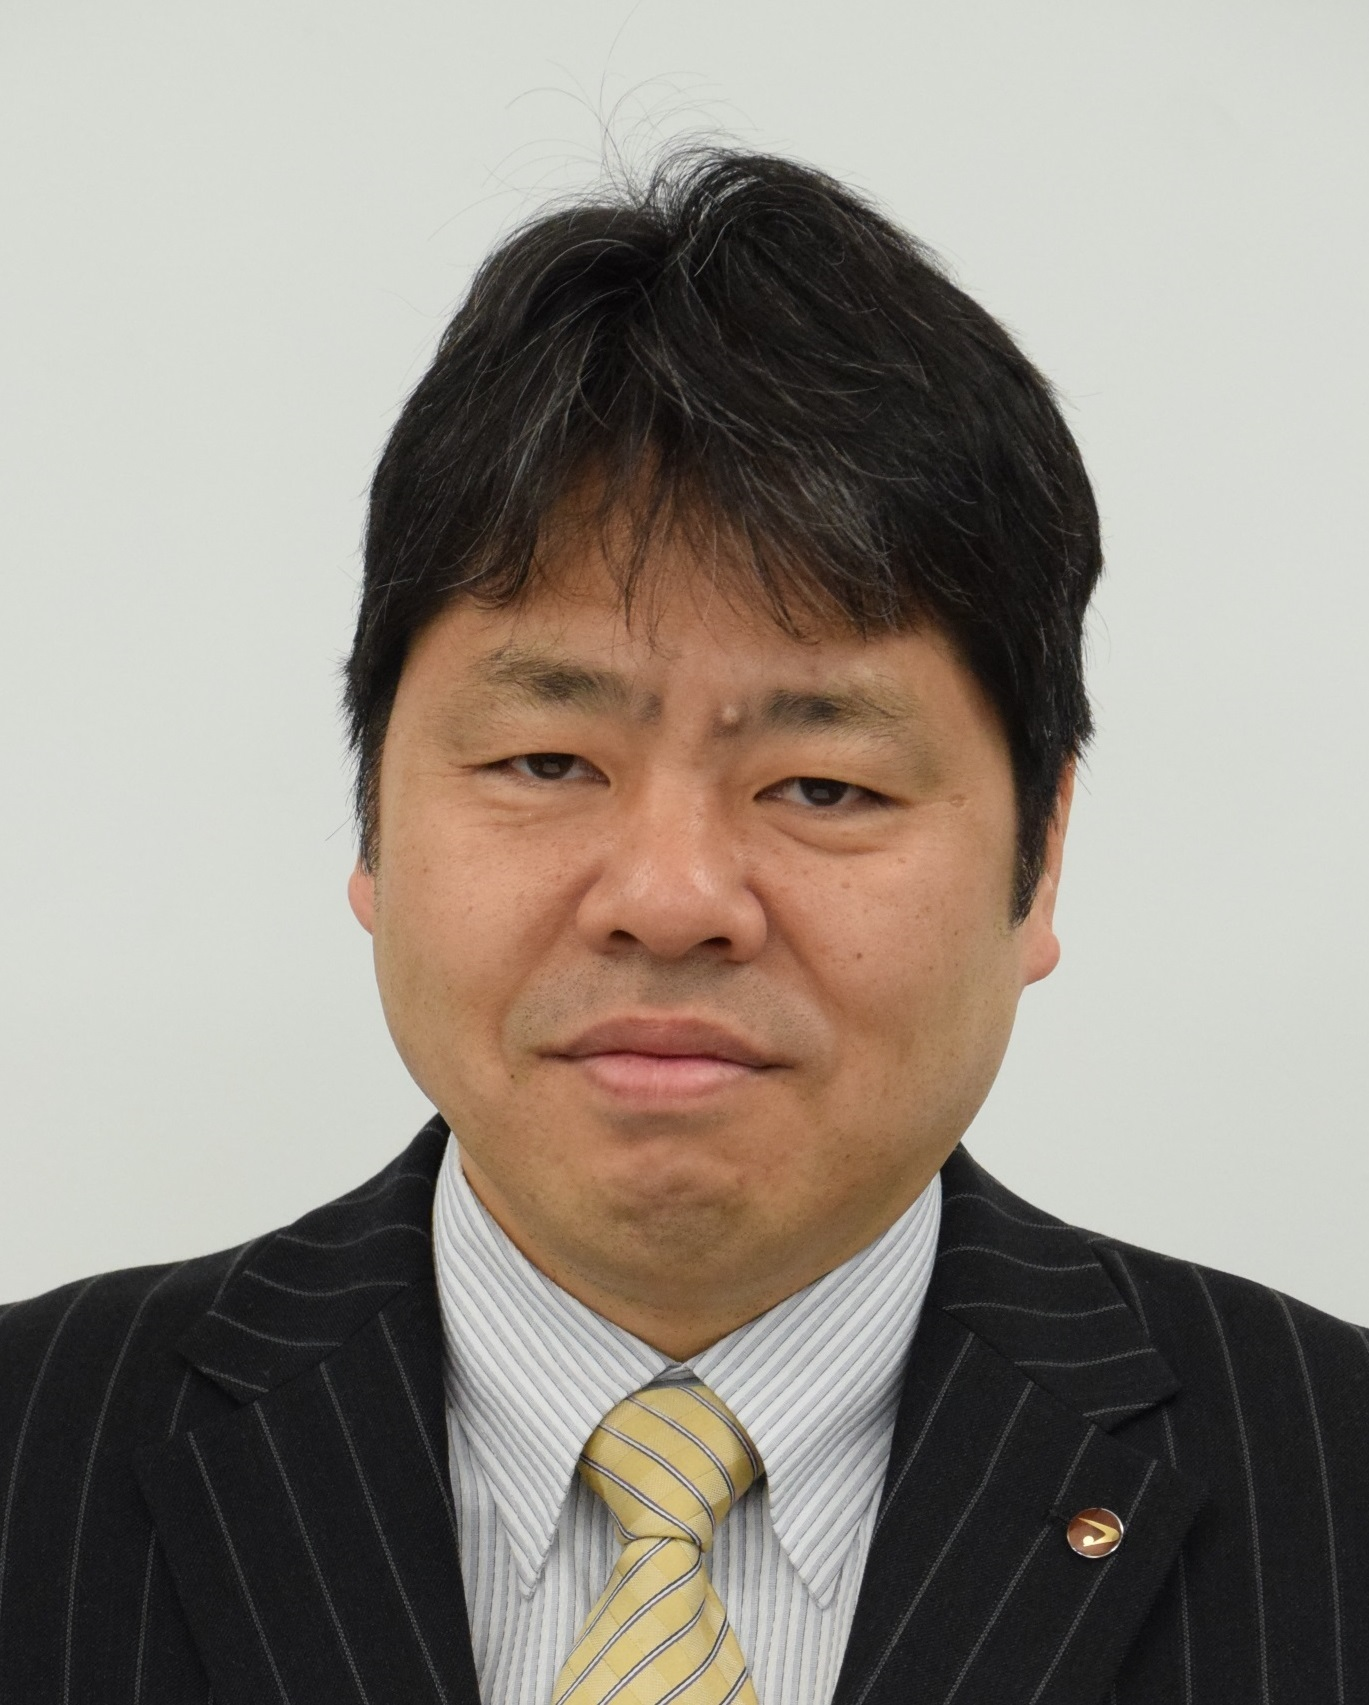 【副知事室からこんにちは】中島副知事から_a0133583_16224510.jpg